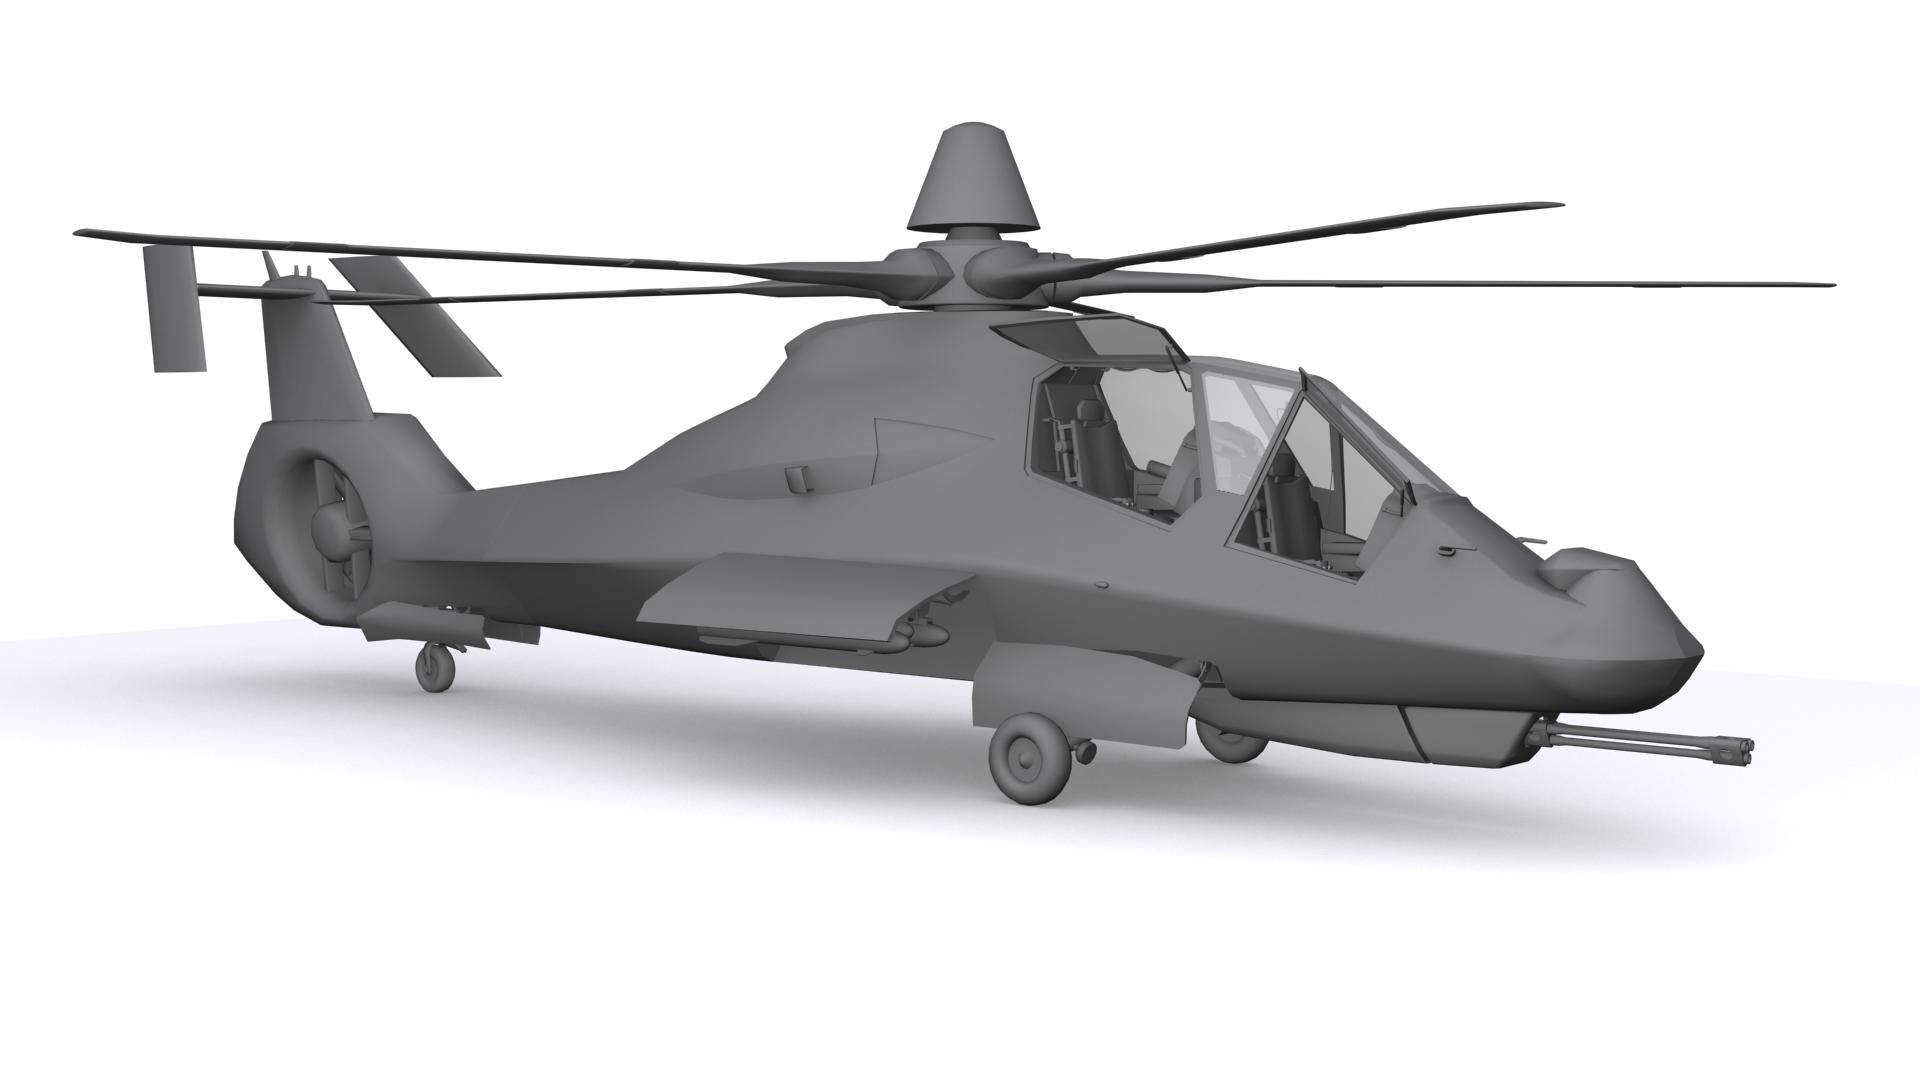 helicopter, comanche, фото, вертолет команч, обои для рабочего стола